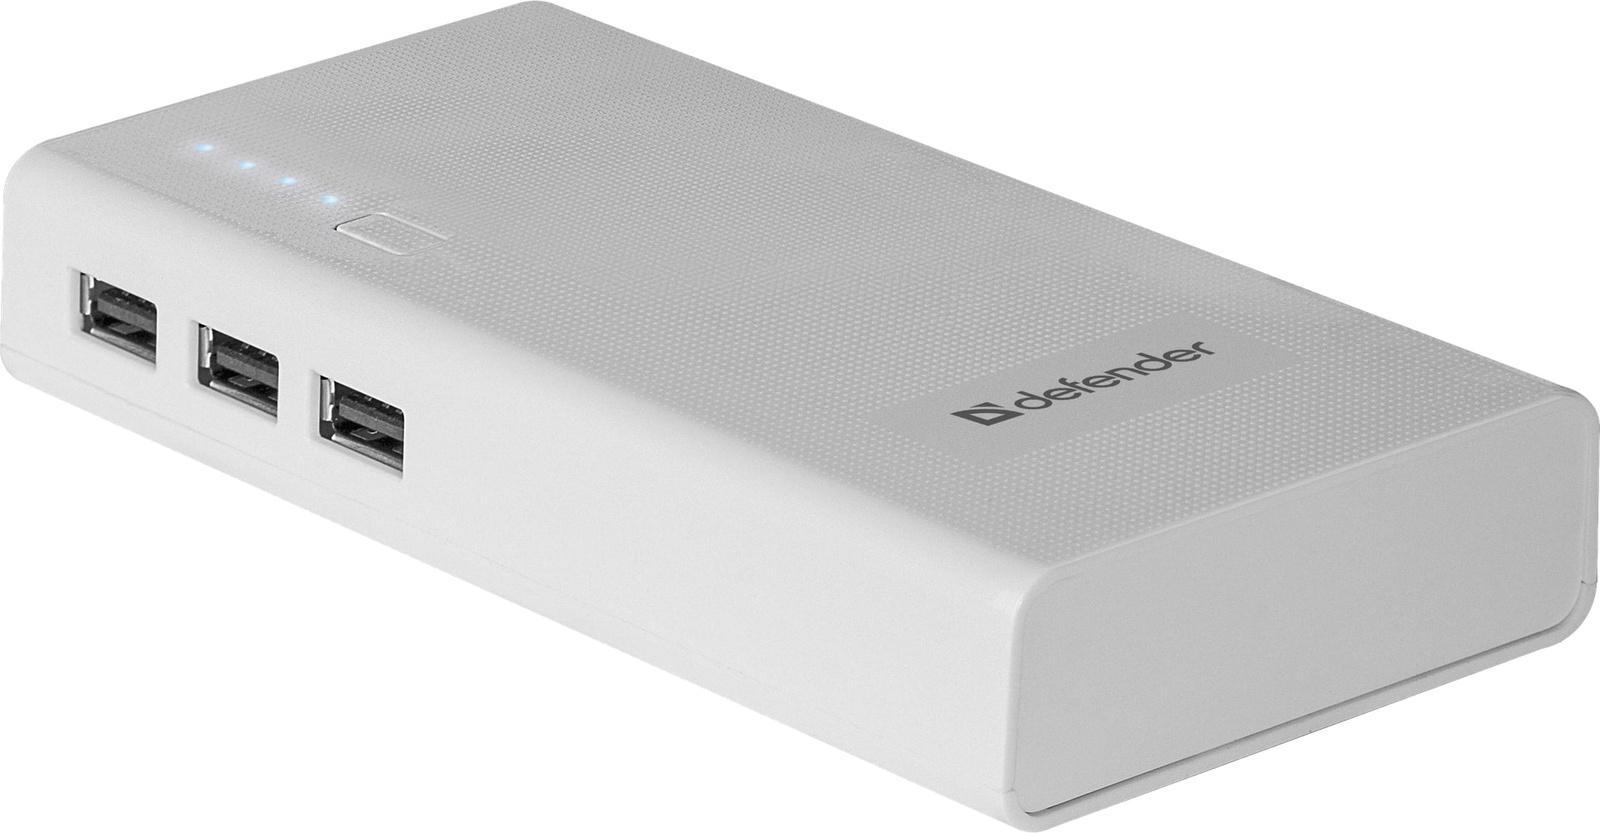 Внешний аккумулятор Defender Lavita 10000E 3 USB 10000 mAh 2.1A цена и фото